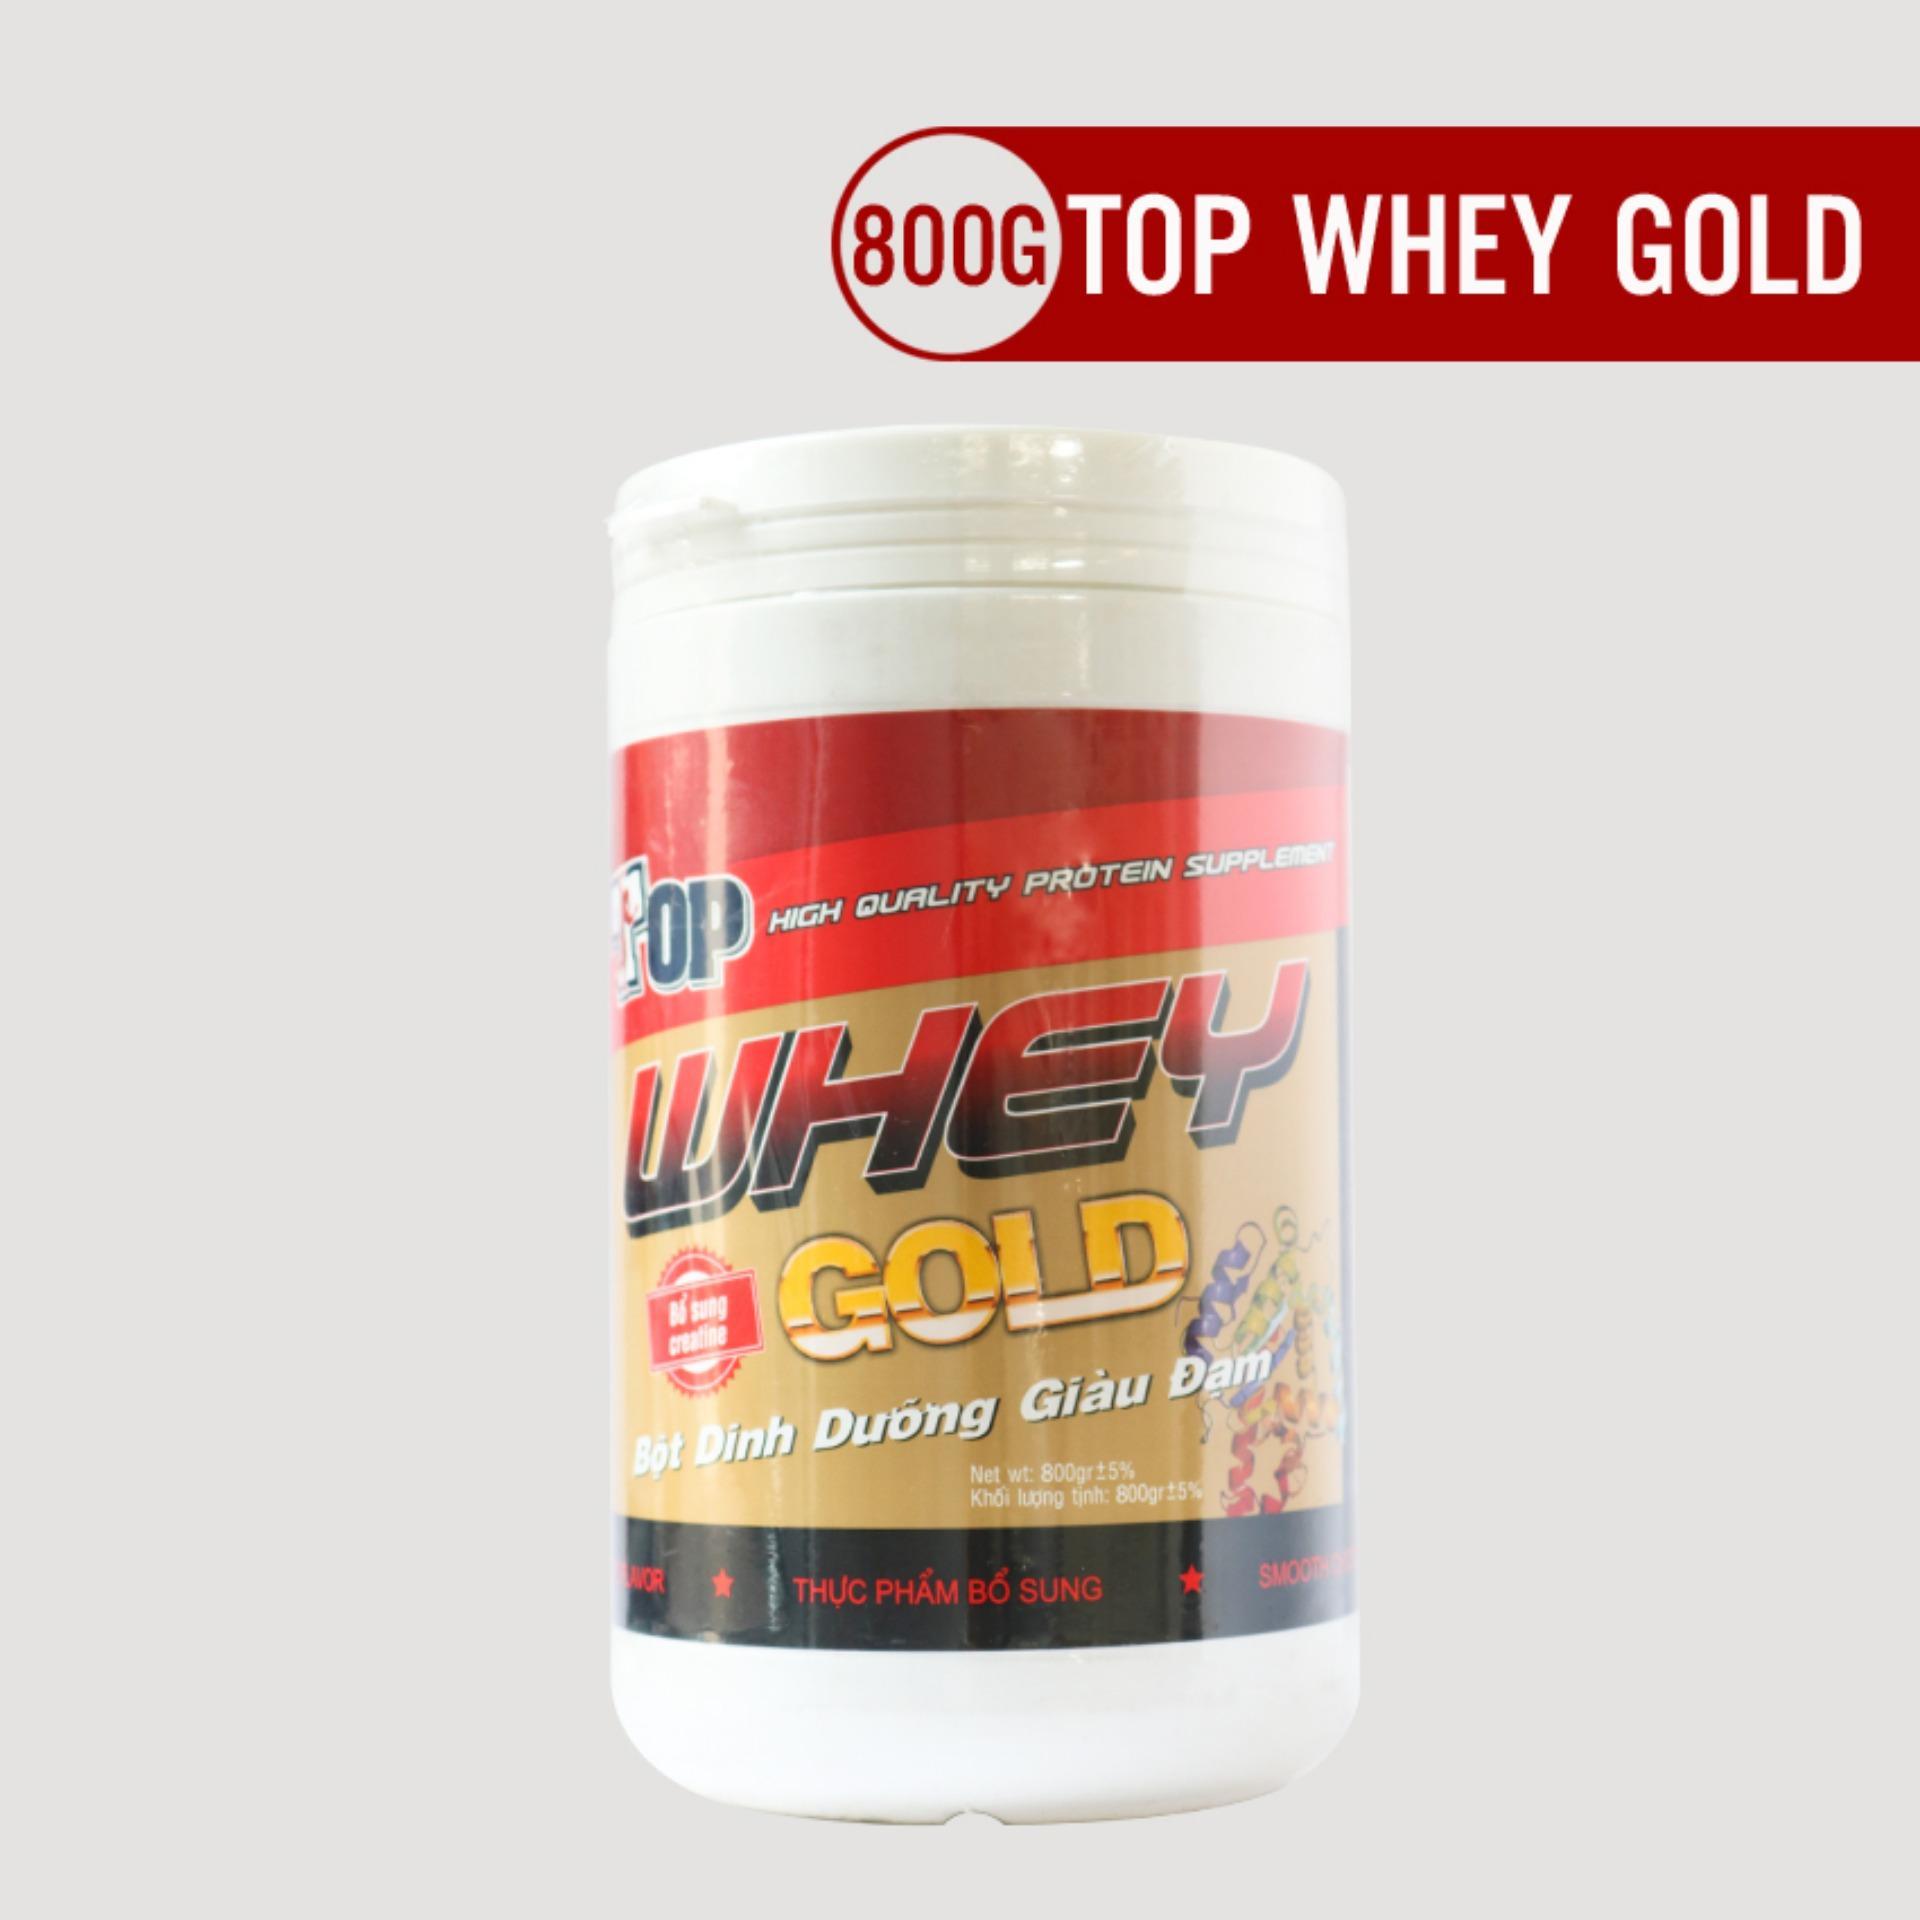 Bột dinh dưỡng giàu đạm Top Whey Gold 800g